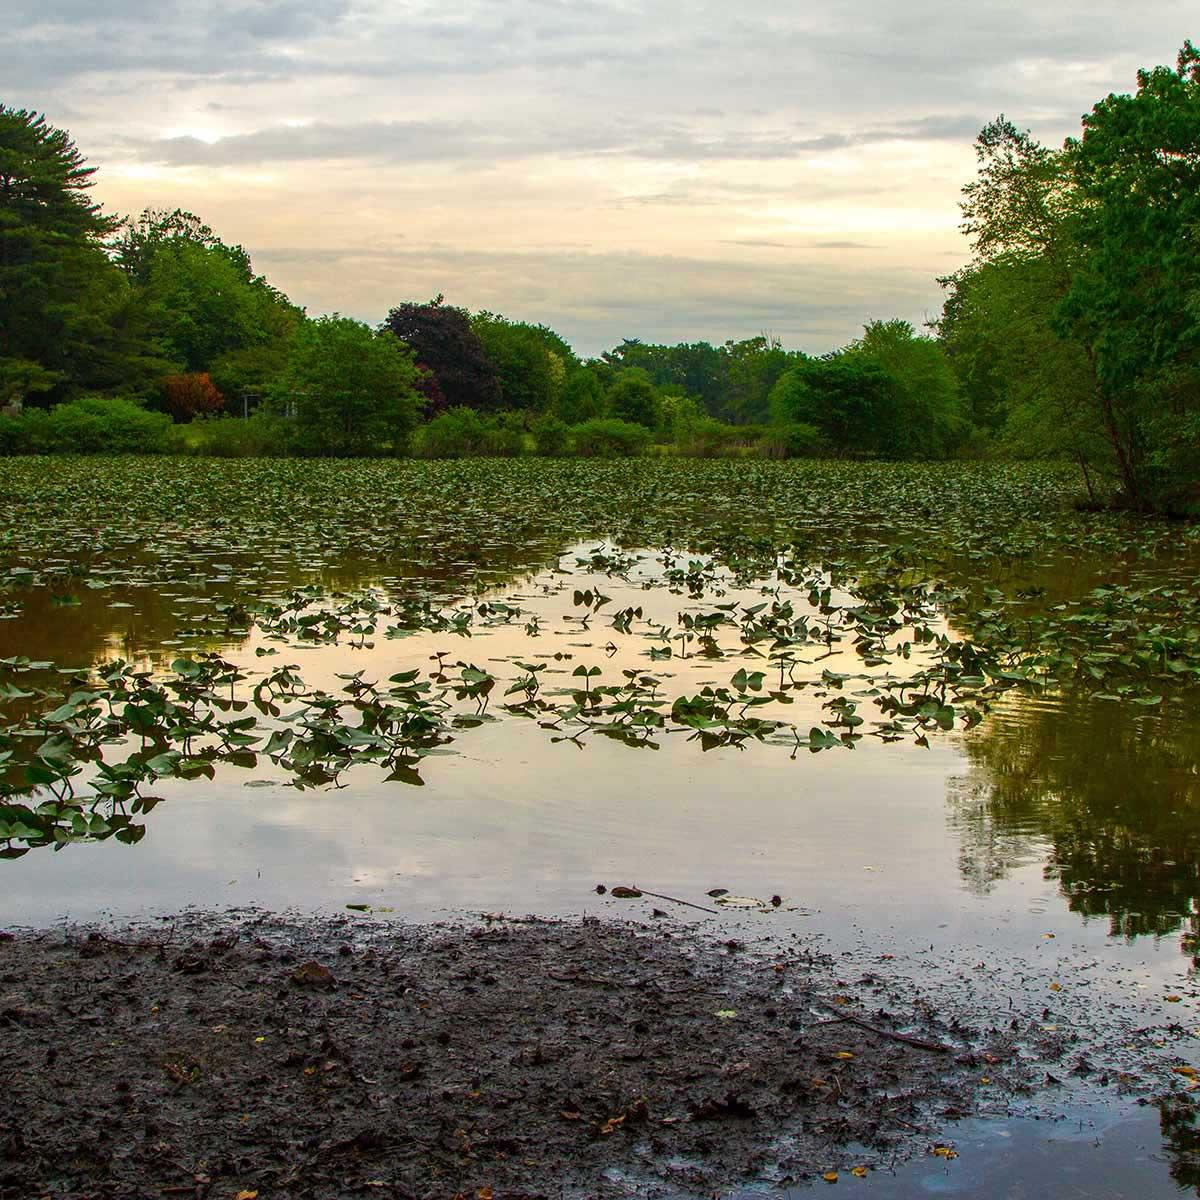 Enjoy the water at Strawbridge Lake Park near Mount Laurel, NJ.